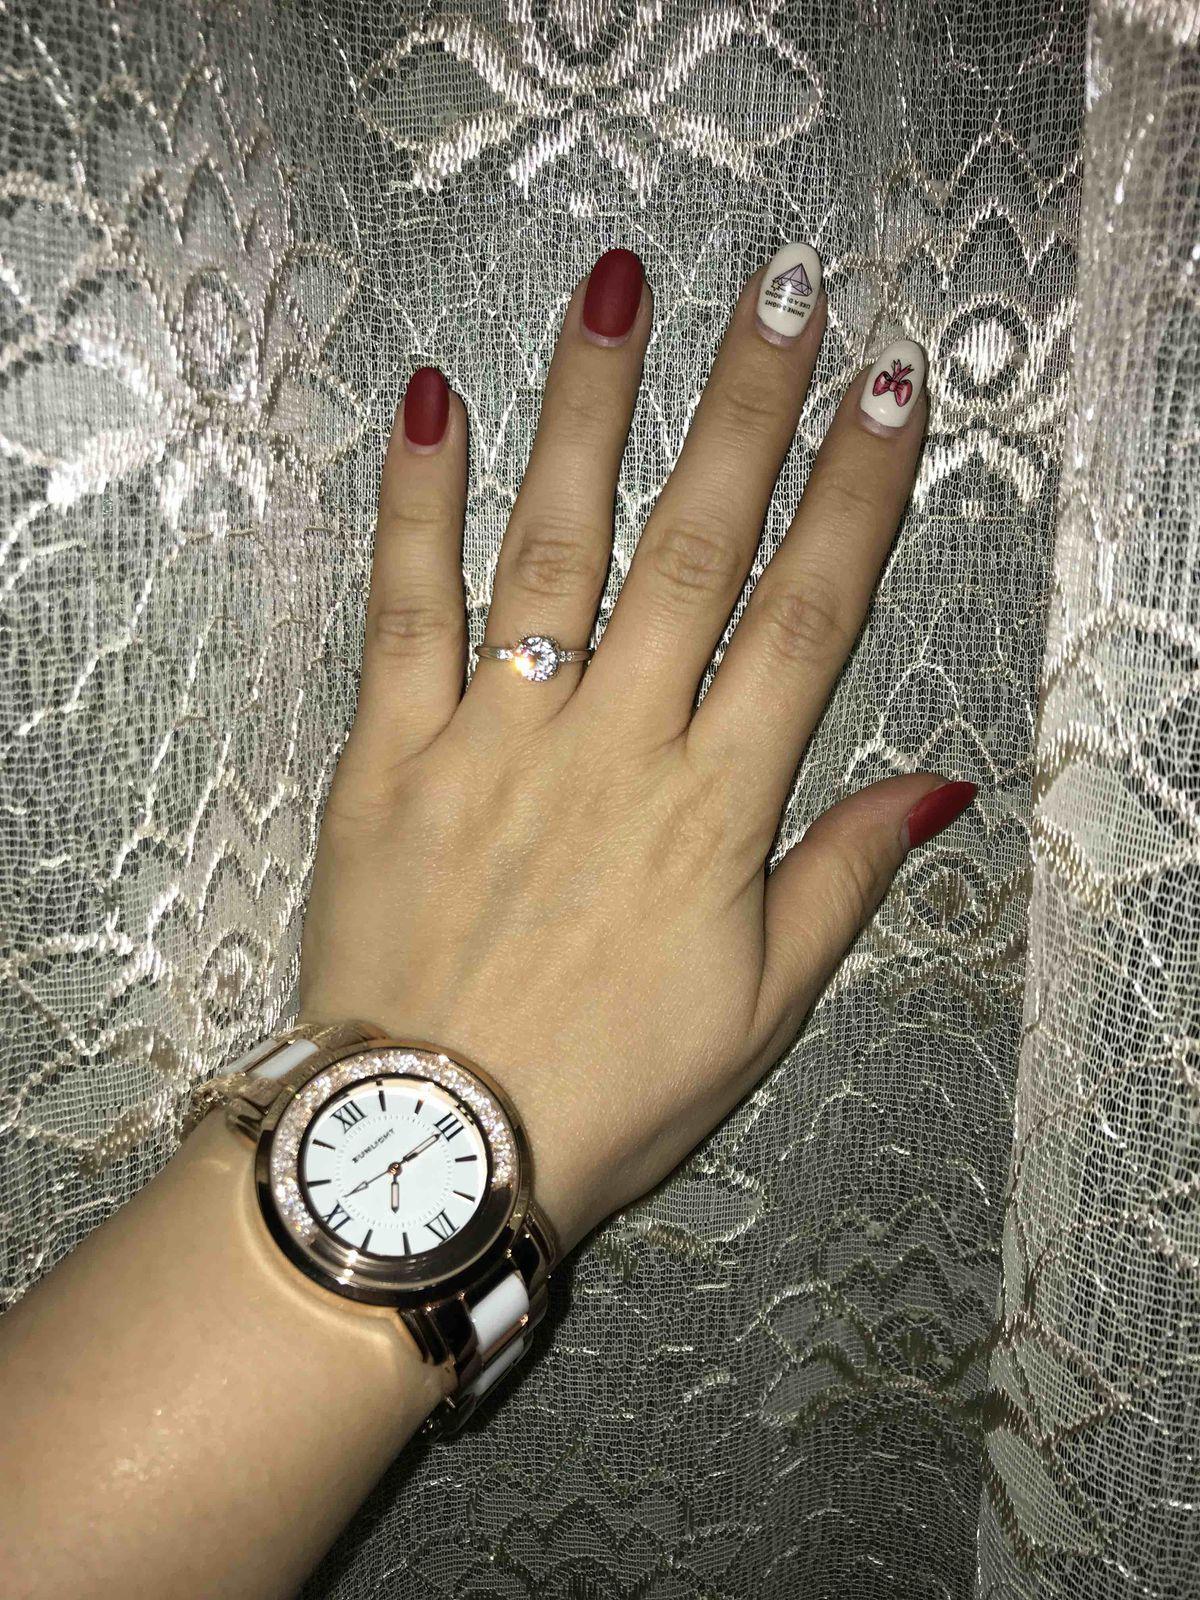 То, что делает Ваши пальчики еще более привлекательными